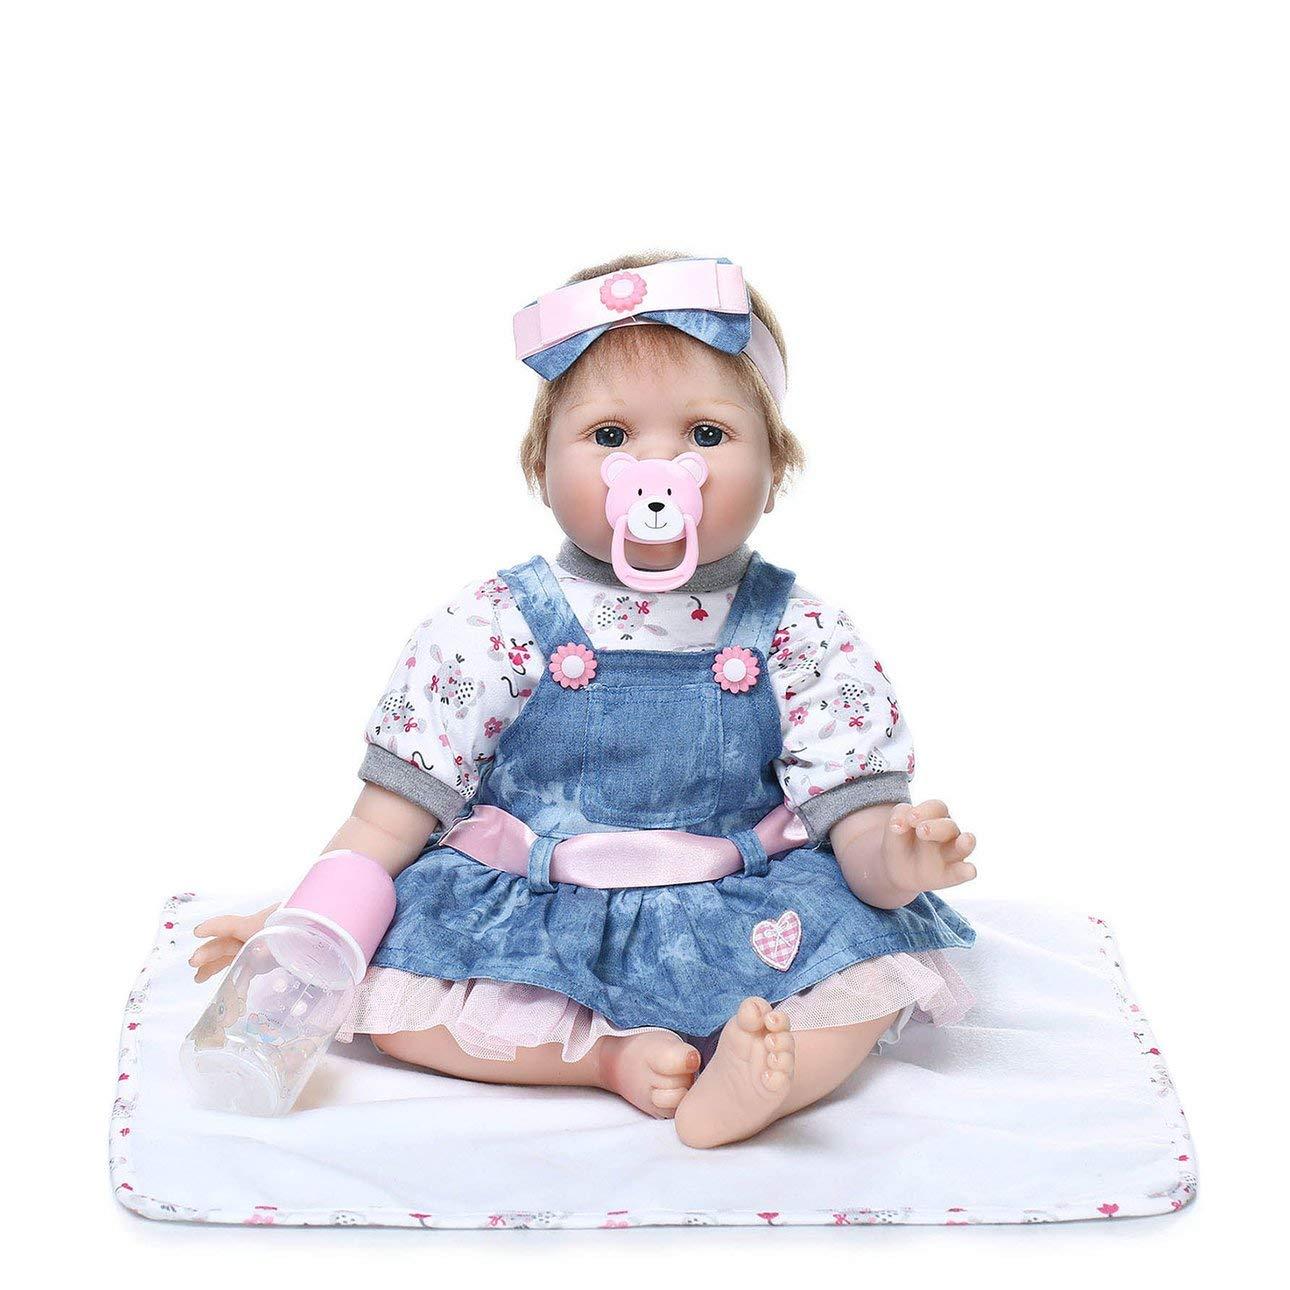 Ballylelly Popular Suave Realista Realista Bonito Encantador Reborn Baby Doll Jugar en casa Juguetes Baby Dolls Juguete Maravilloso Regalo de cumpleaños